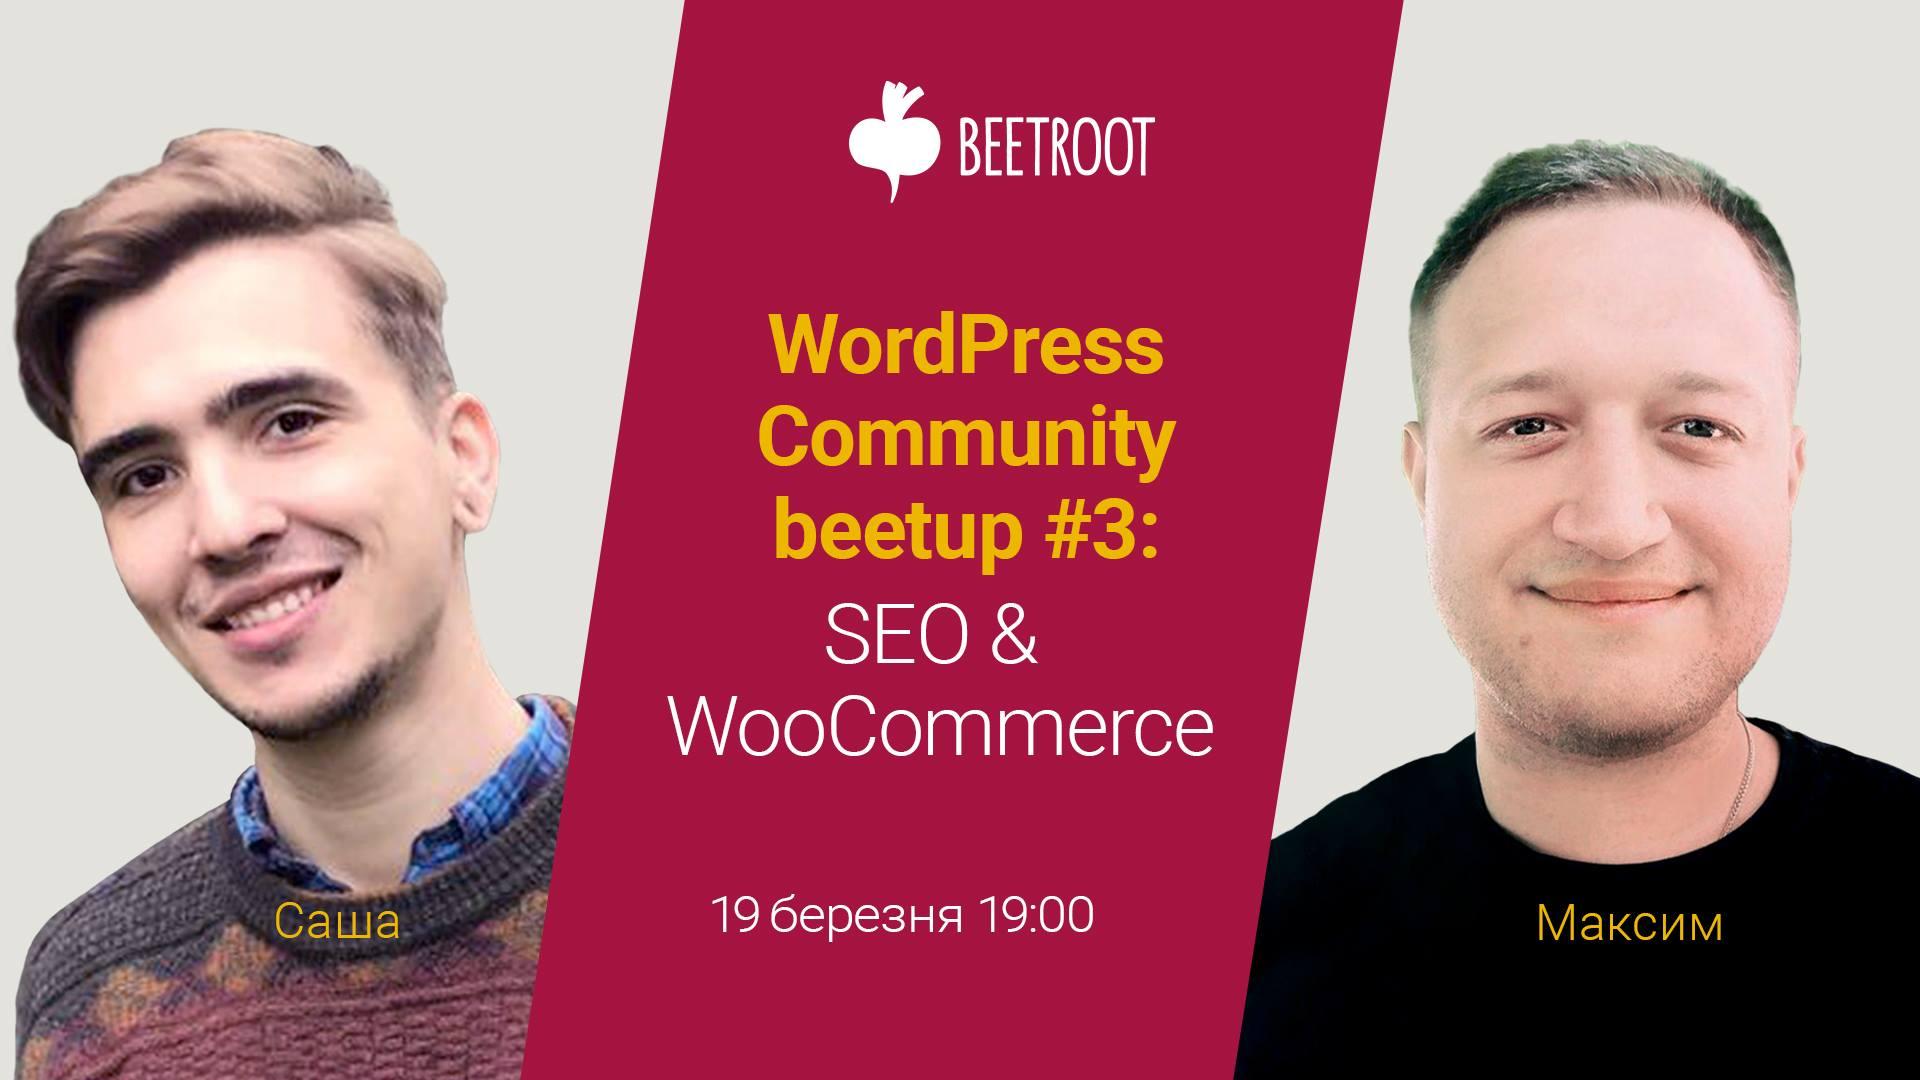 Beetroot WordPress Community beetup #3 у Івано-Франківську